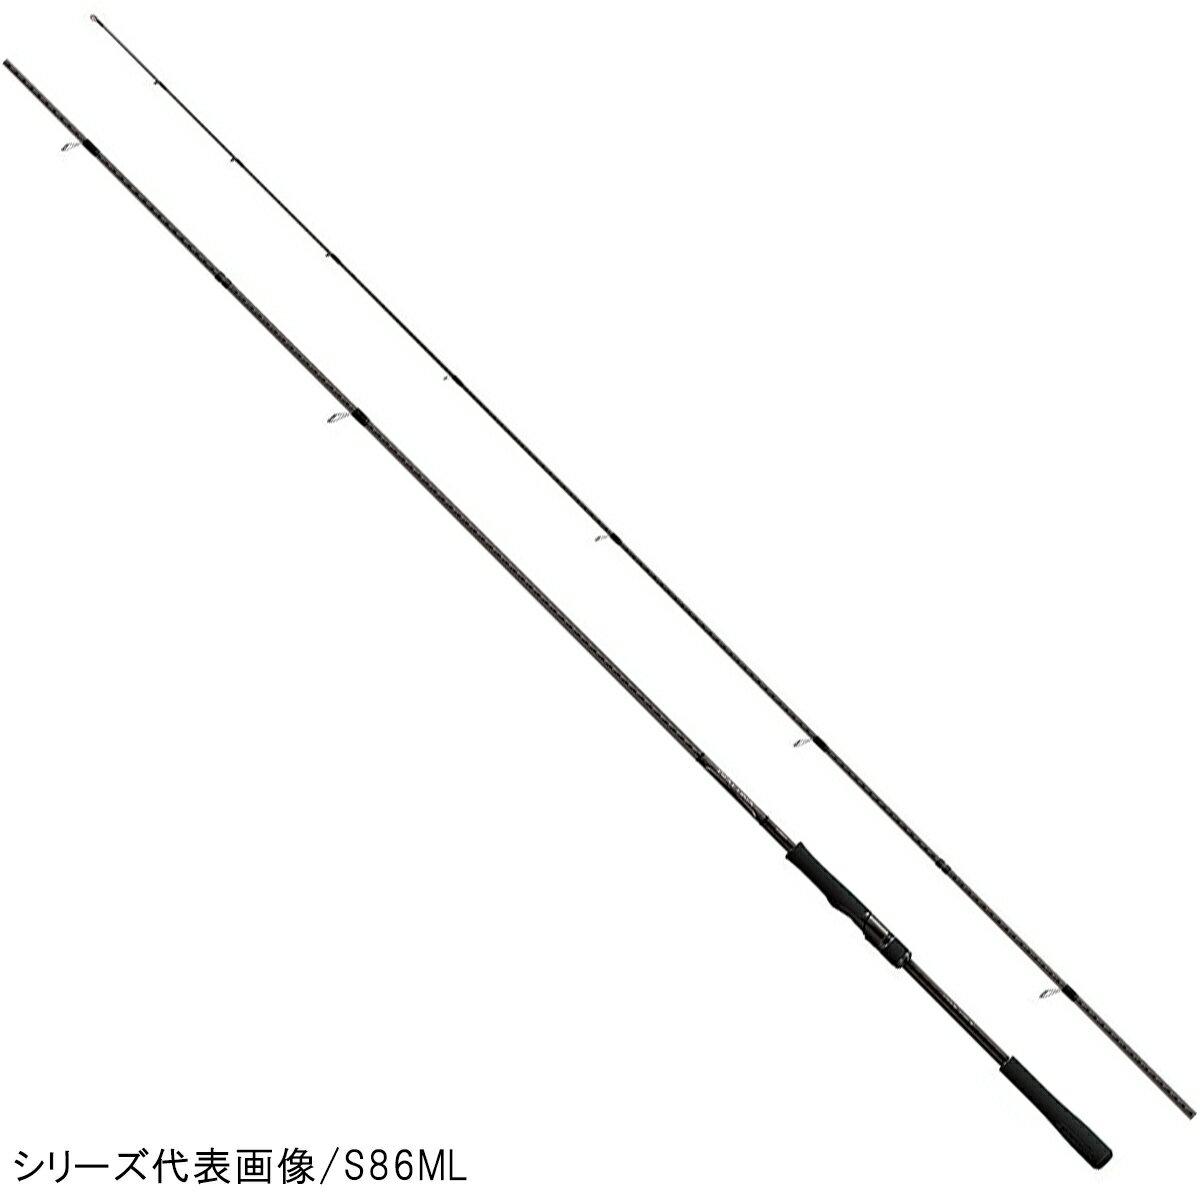 シマノ ディアルーナ (スピニング) S96M【大型商品】